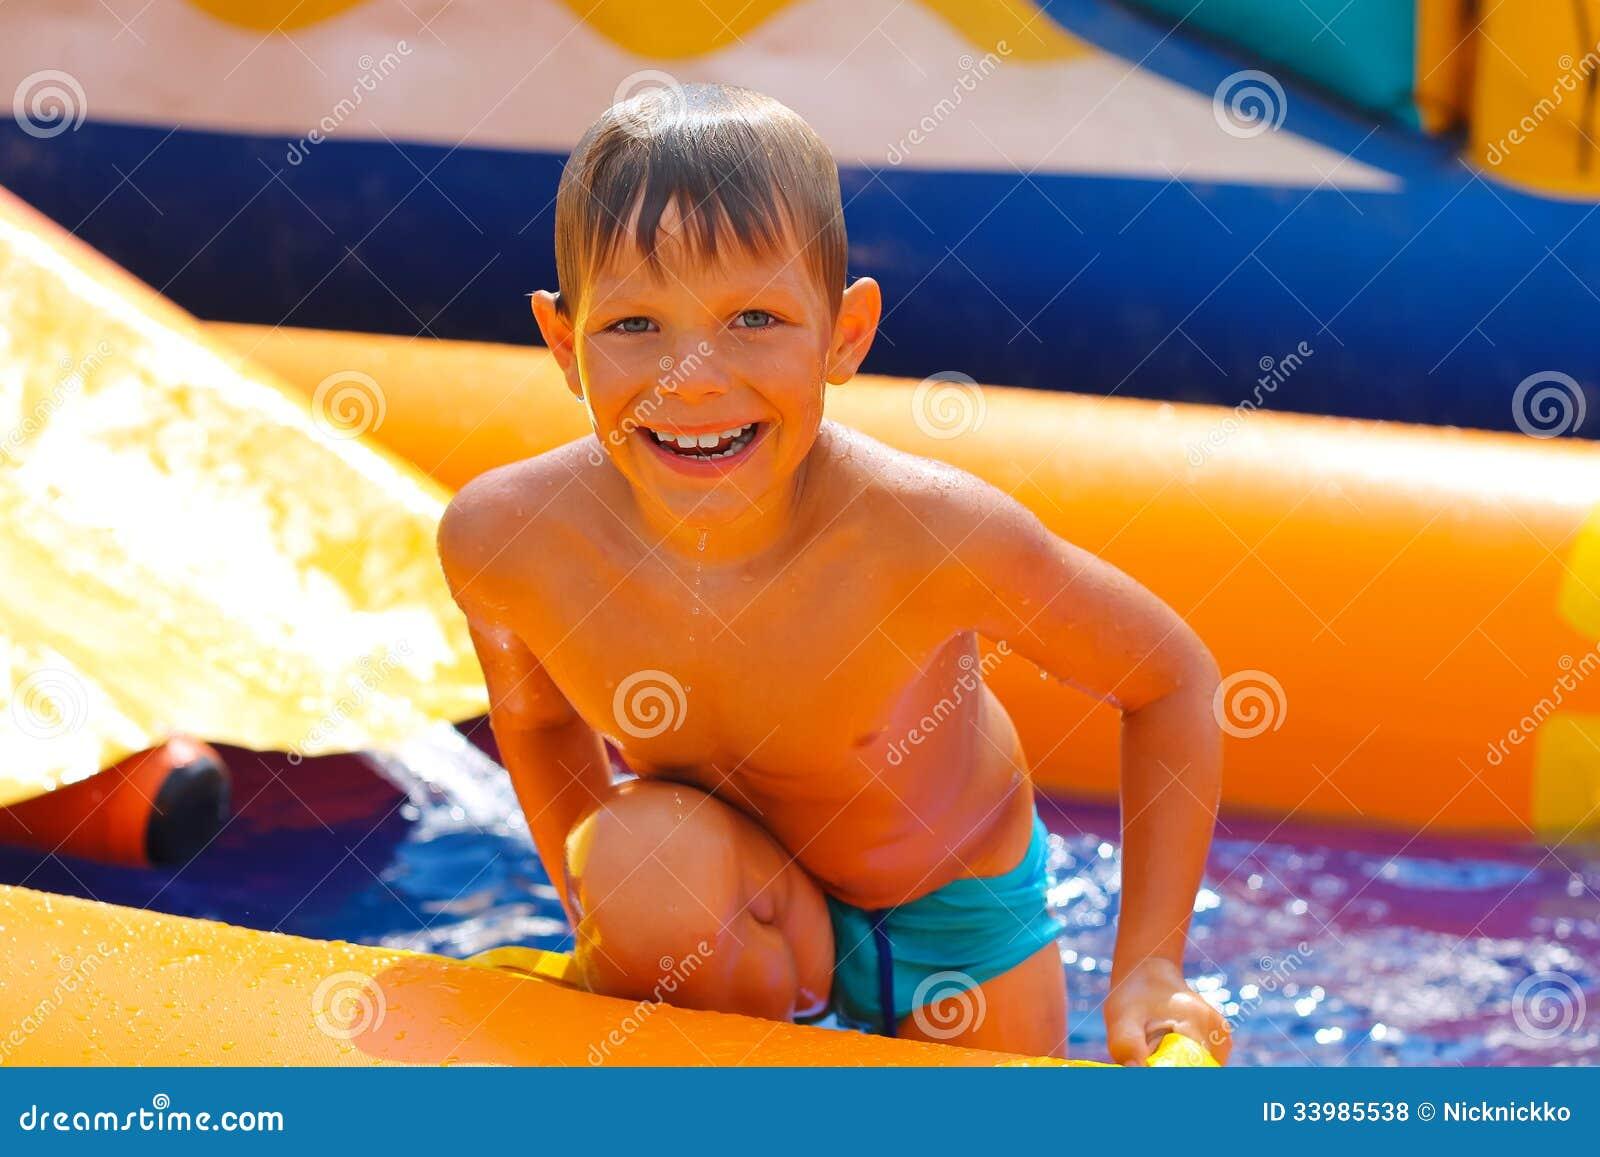 Χαμογελώντας αγόρι στο νερό